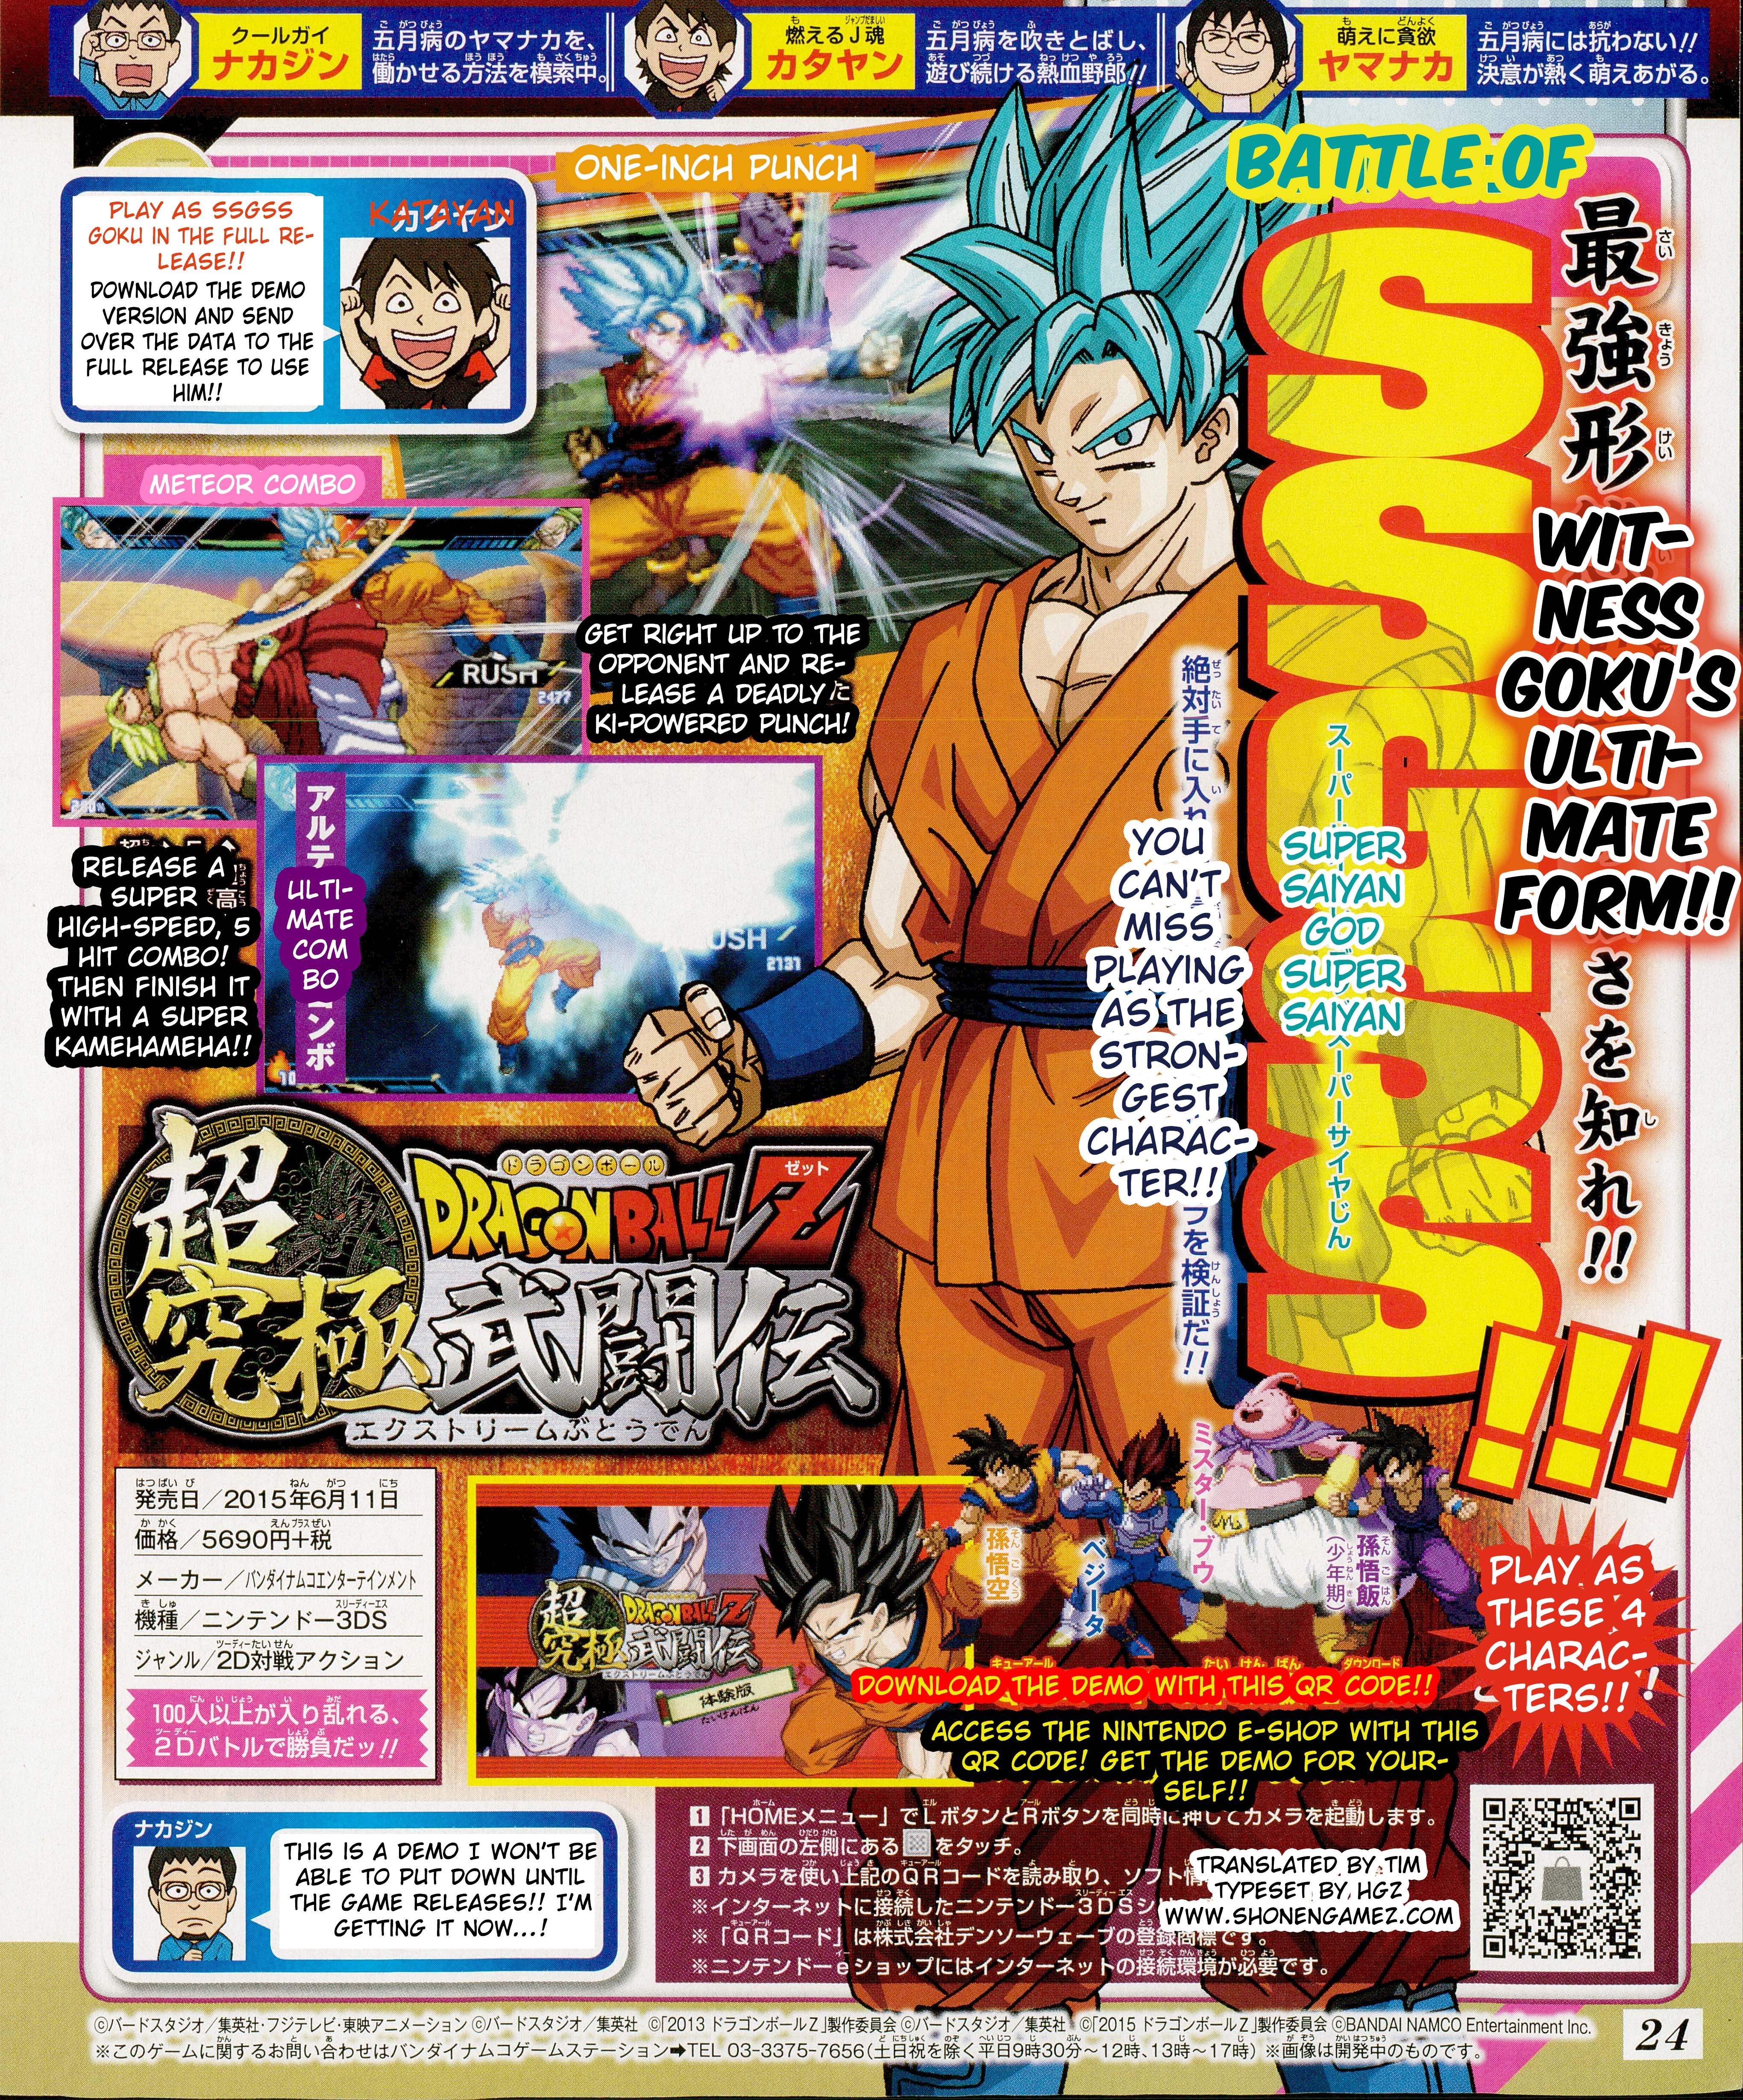 Nuevas imágenes de Goku SSGSS en Dragon Ball Z: Extreme Butoden ...